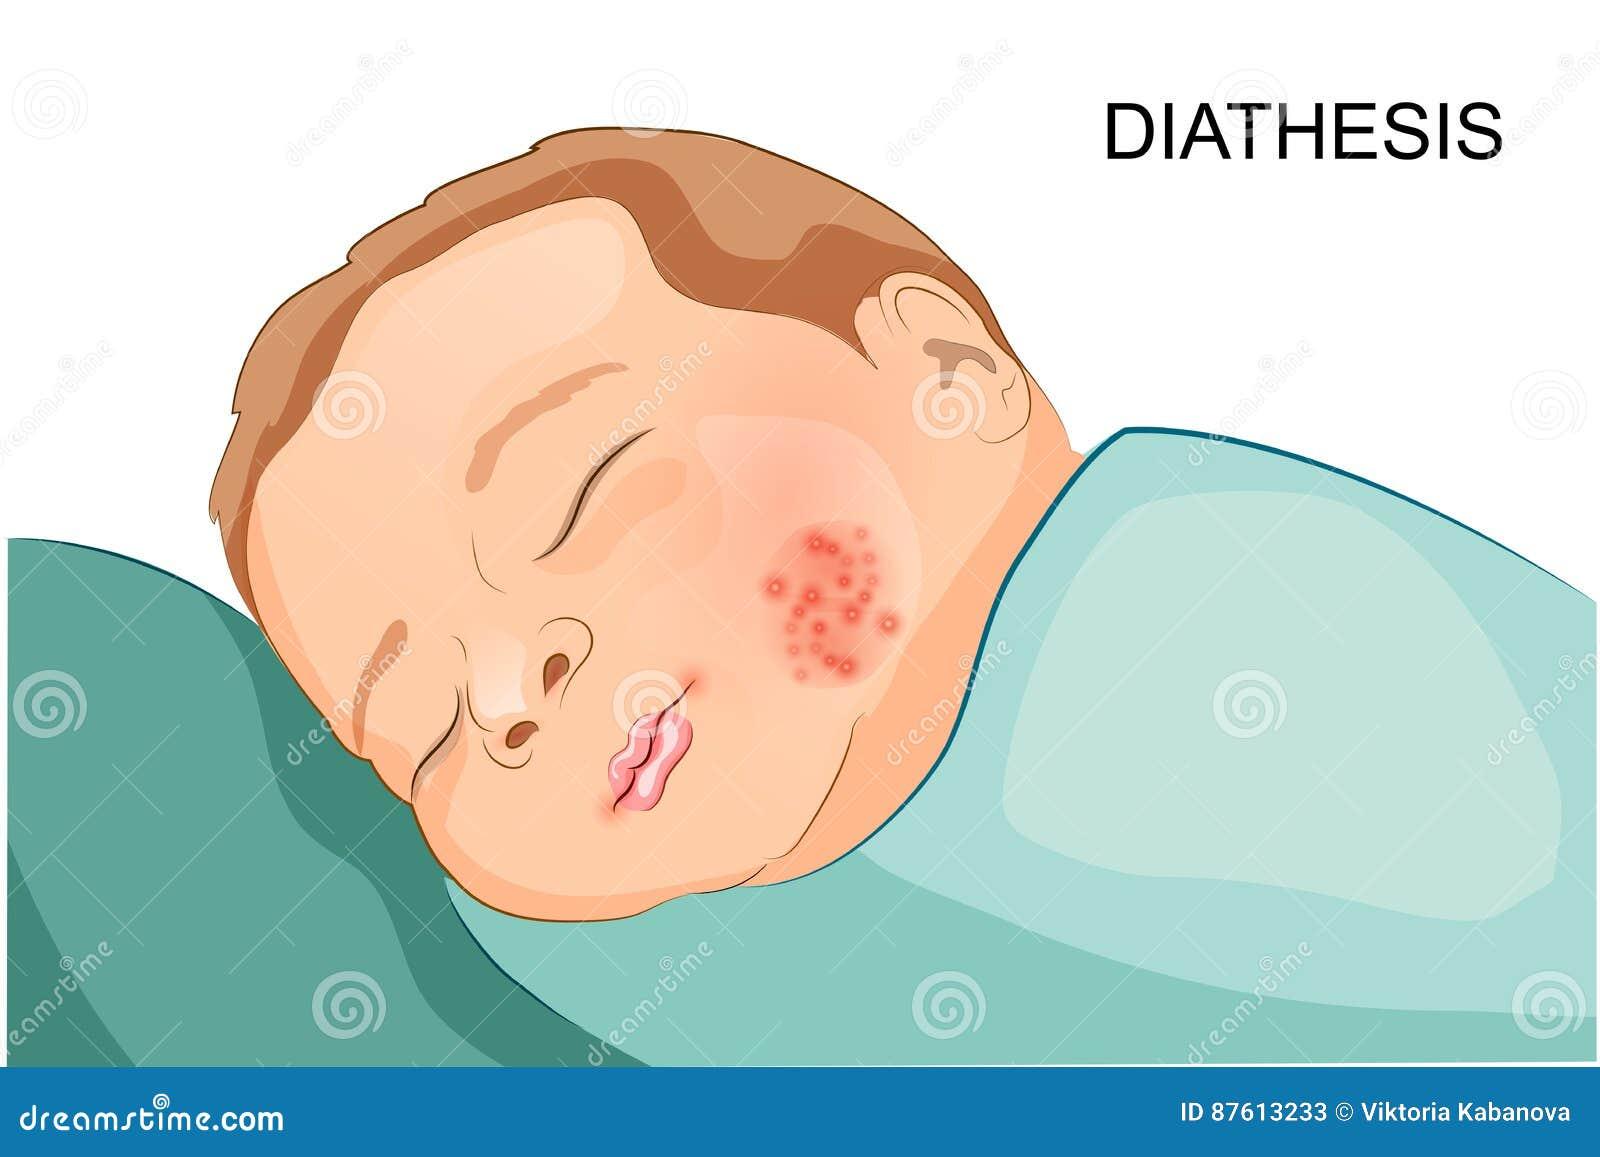 Bleeding diathesis